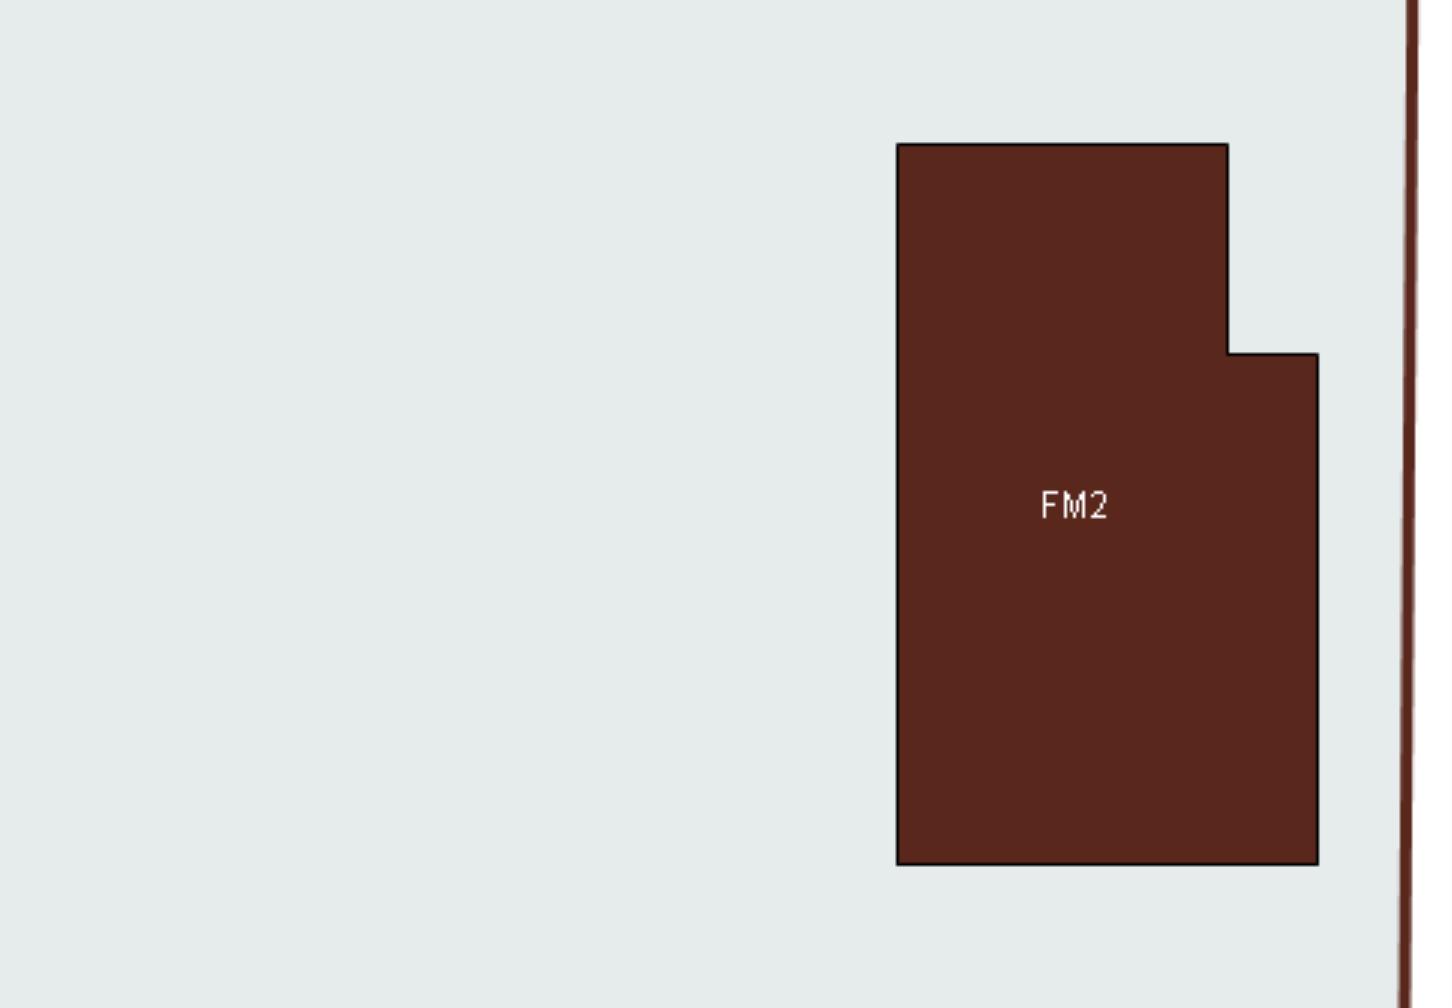 FEMITTE / FM2